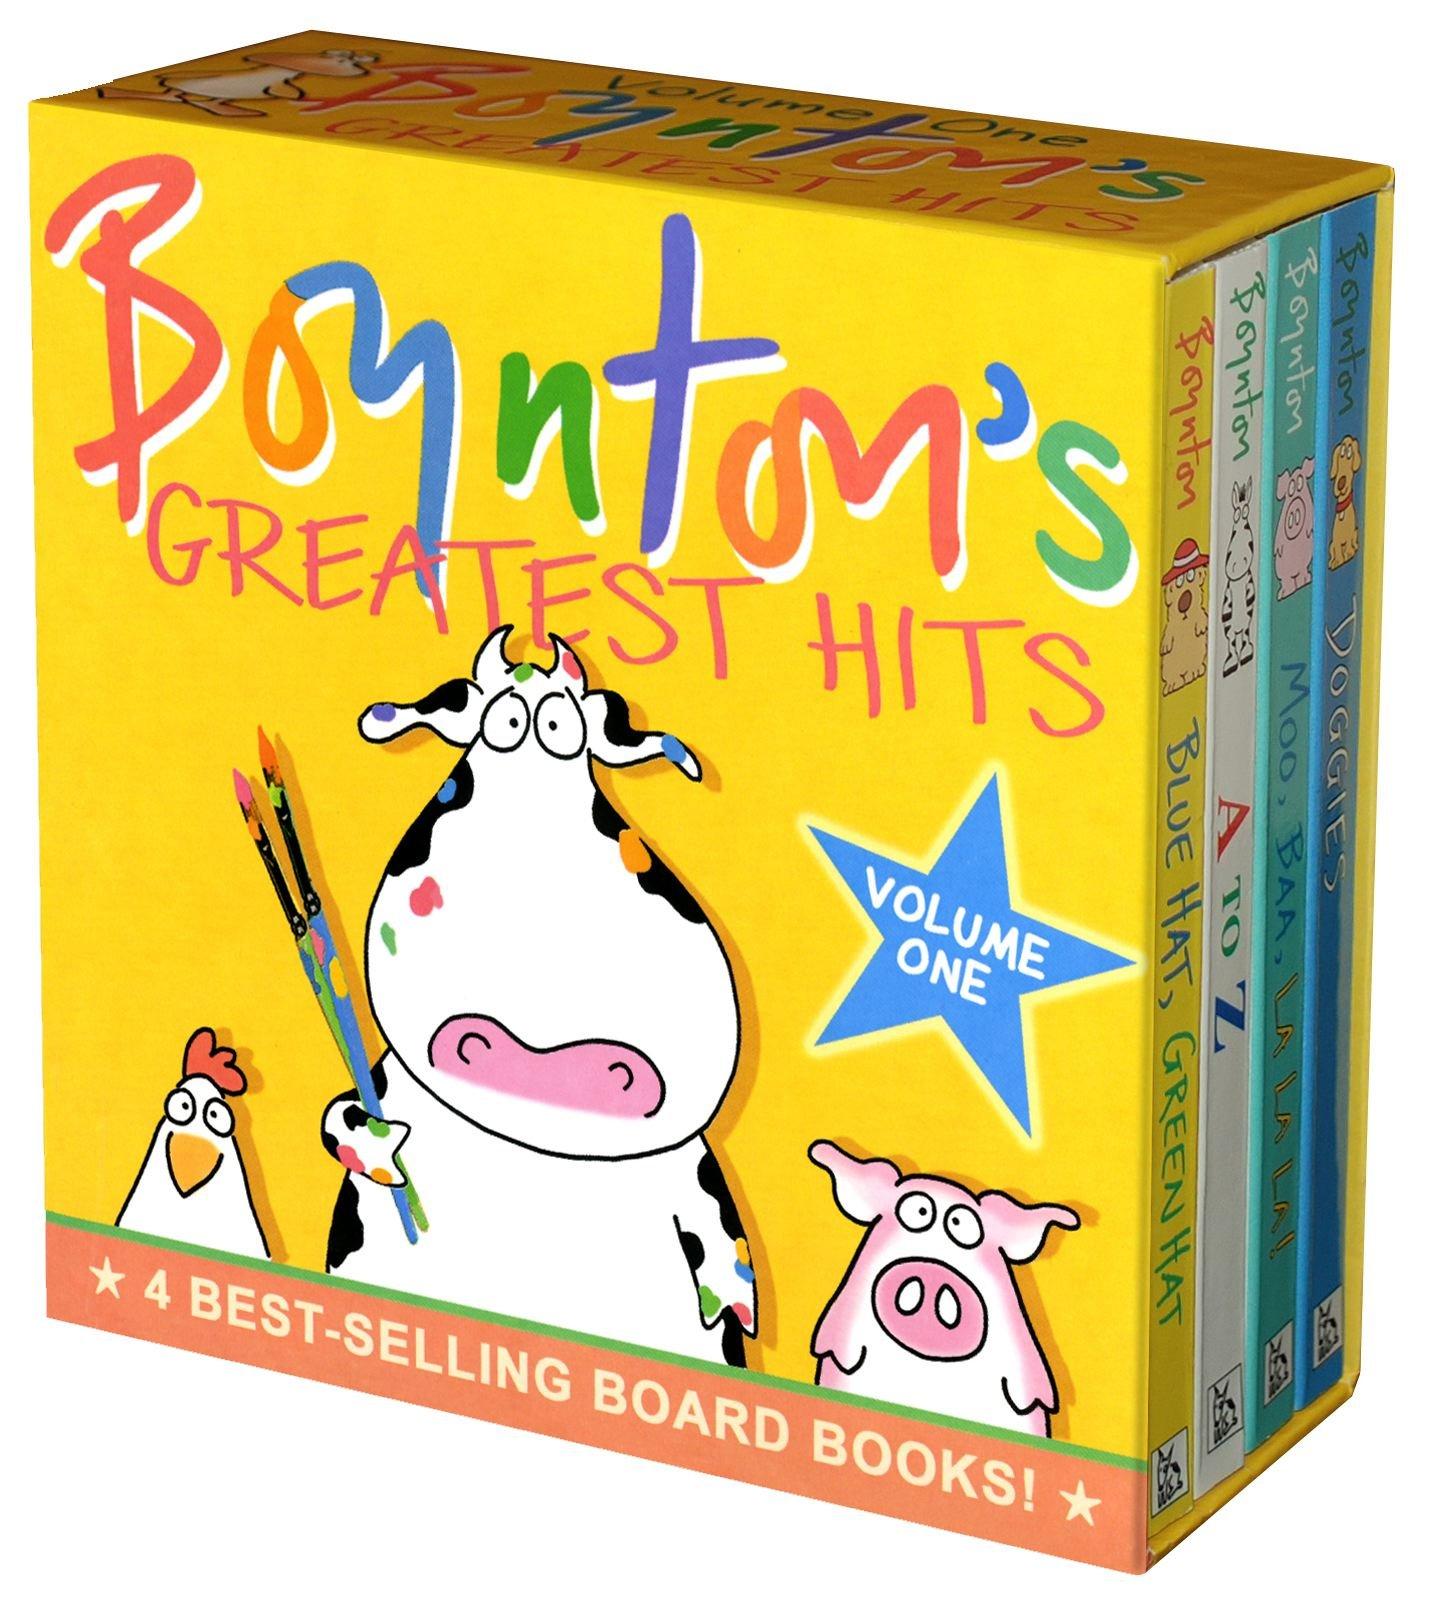 Boynton's Greatest Hits Volume 1: Blue Hat, Green Hat; A to Z; Moo, Baa, La La La!; Doggies (Boynton Board Books) by Little Simon (Image #1)